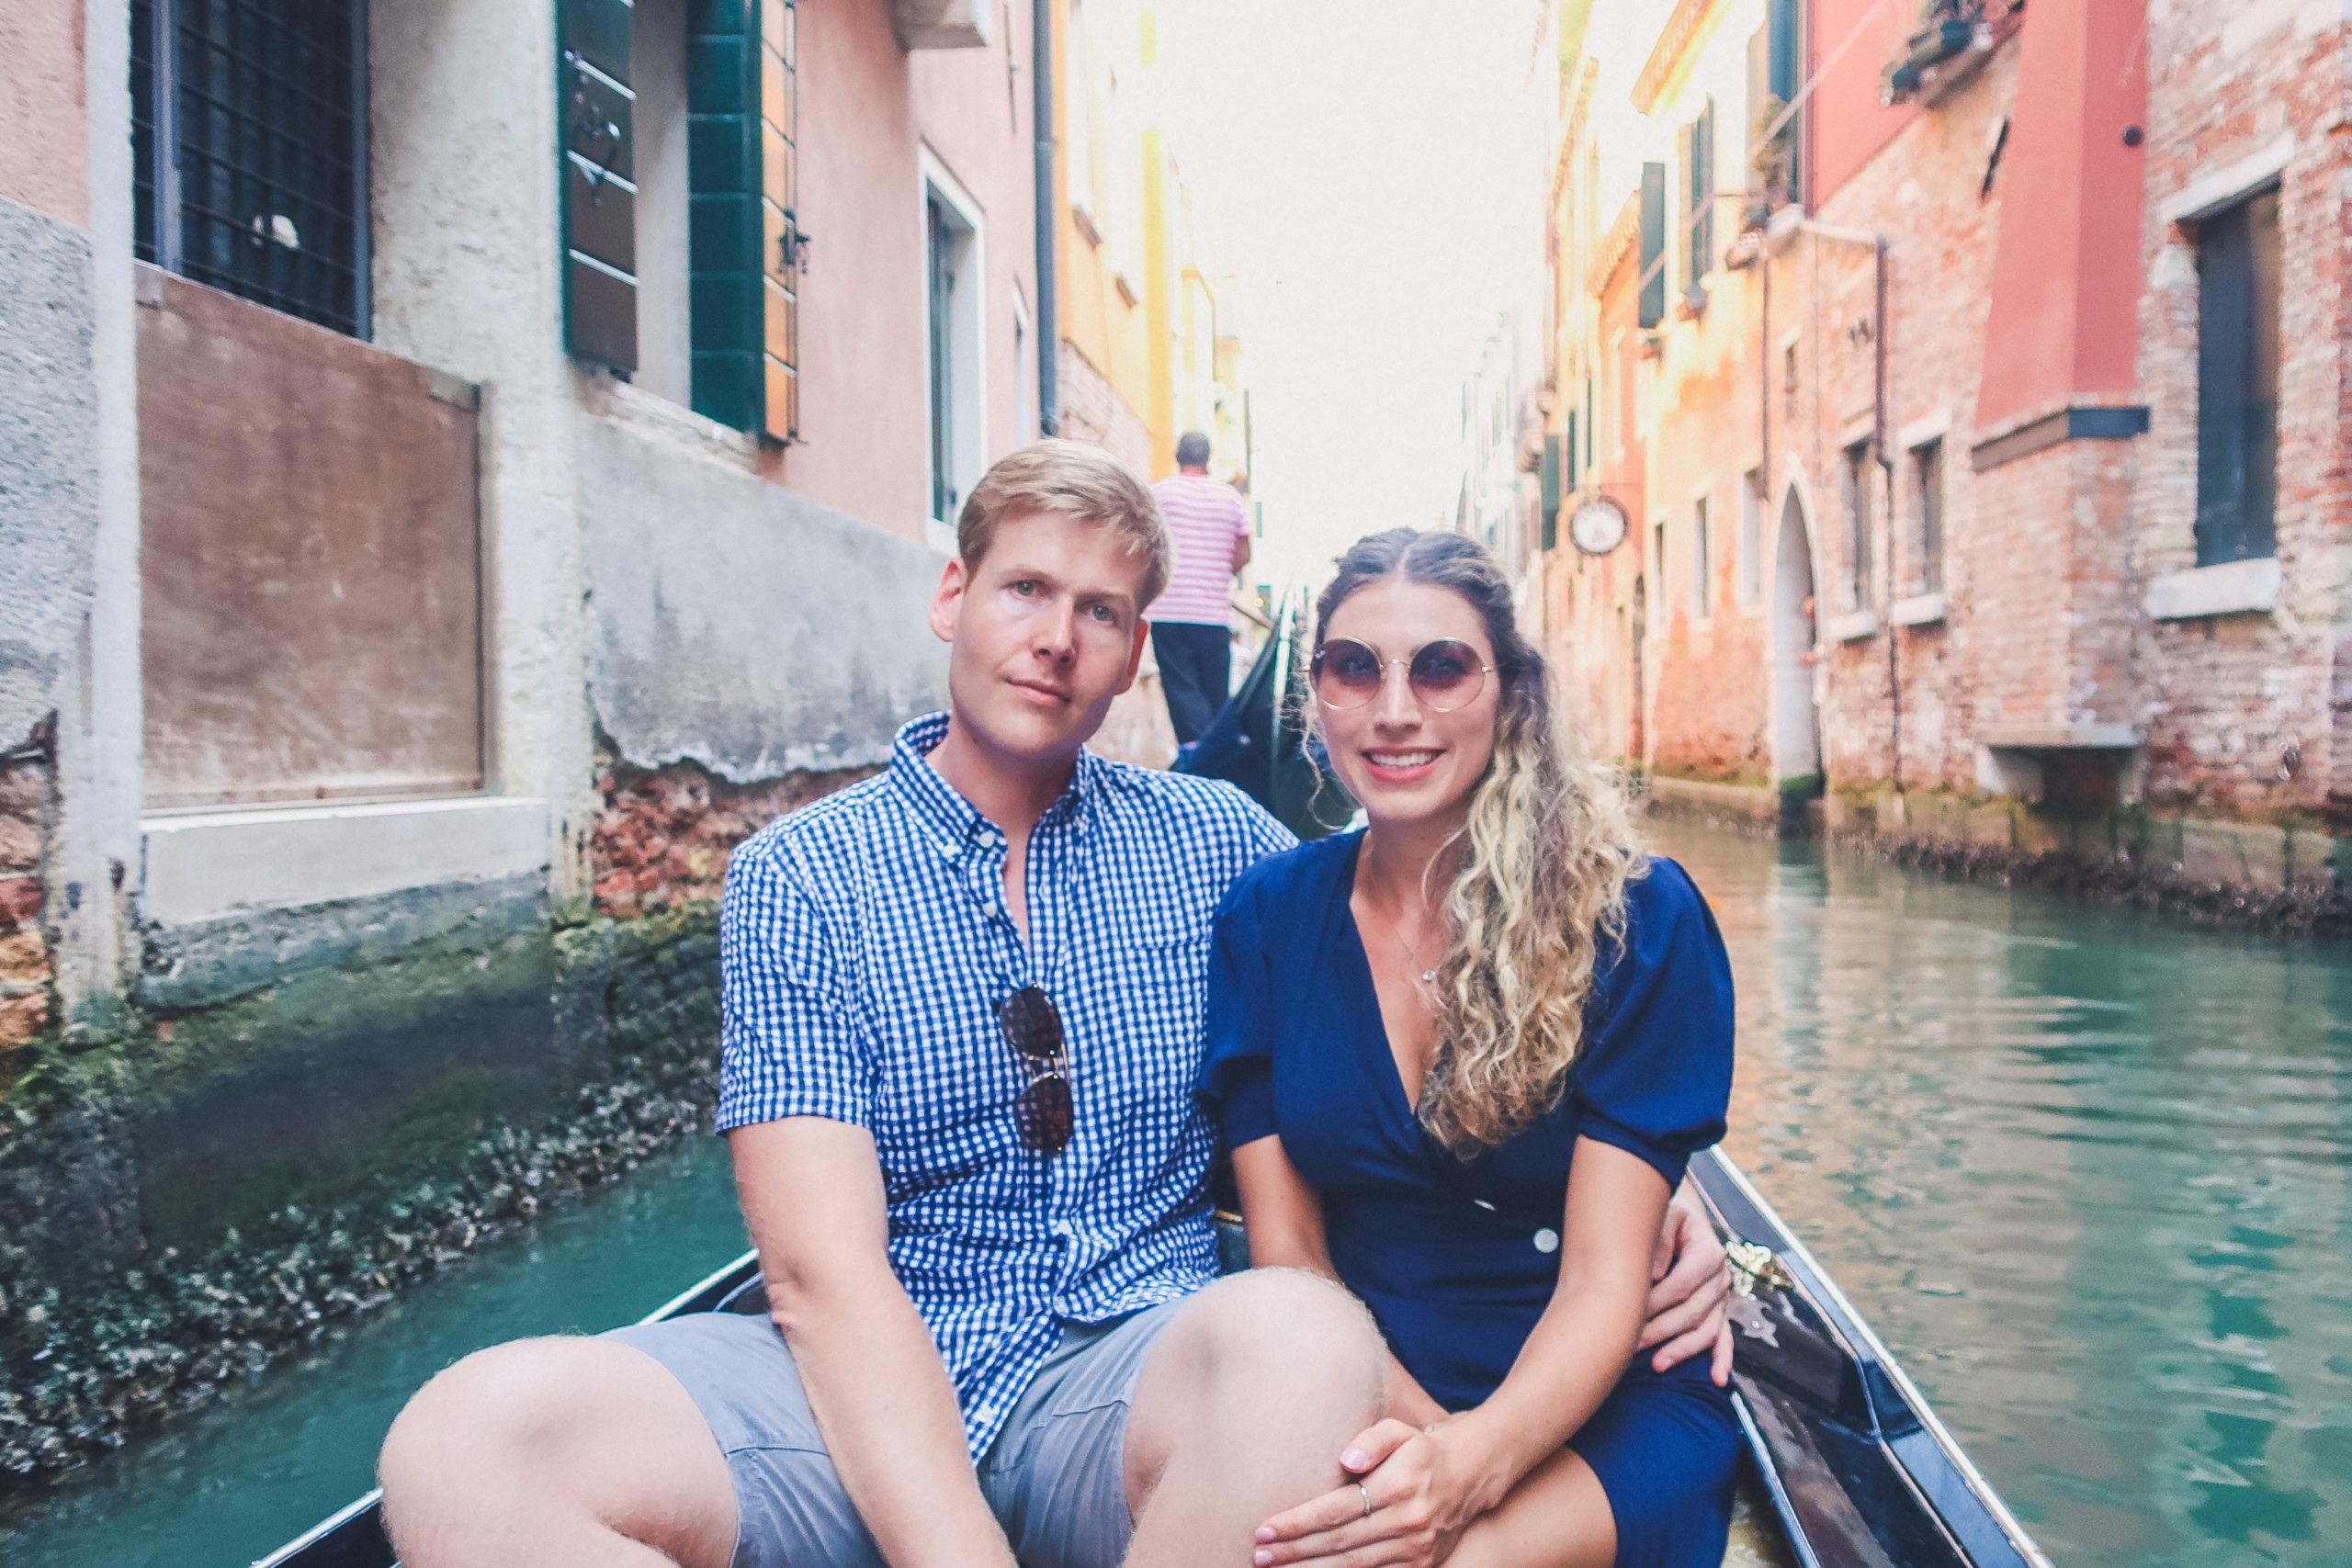 couple on a gondola ride in Venice